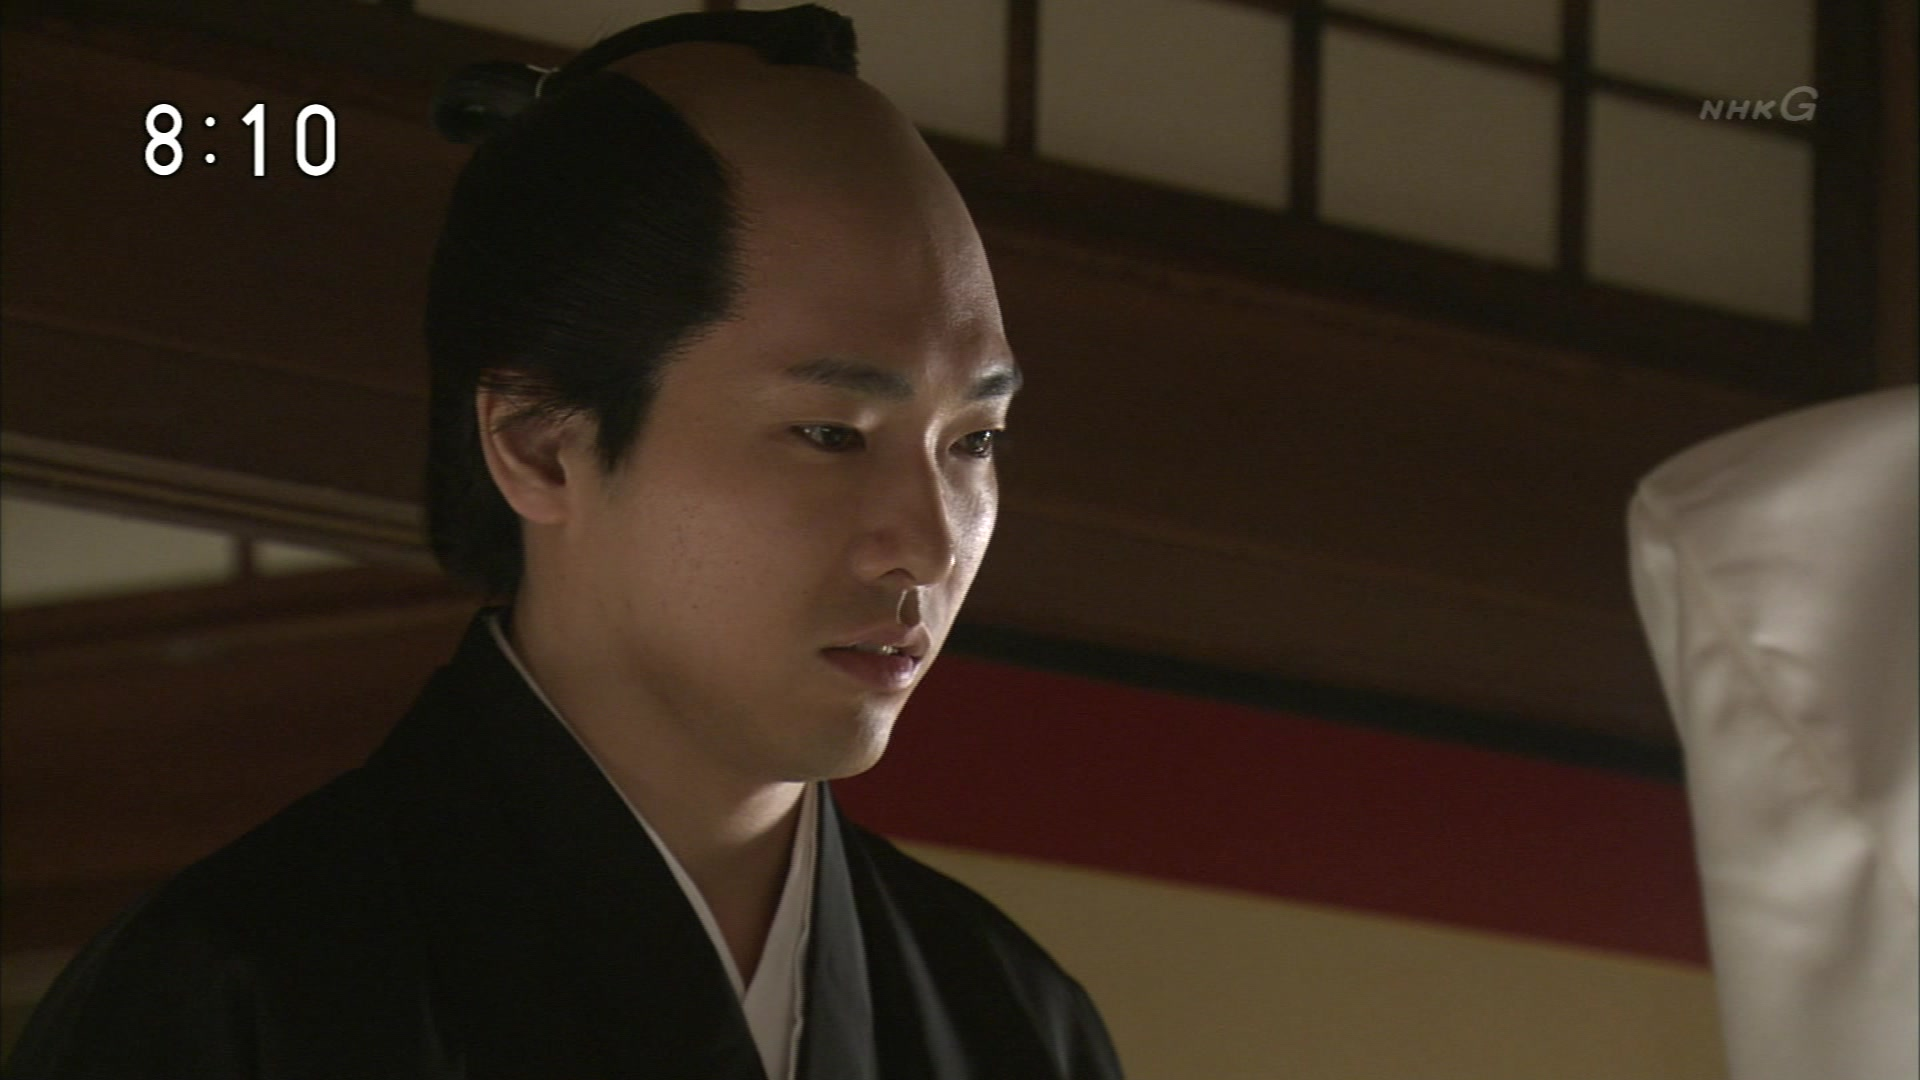 2015-10-10 08:00 連続テレビ小説 あさが来た(12)「ふたつの花びら」 1843